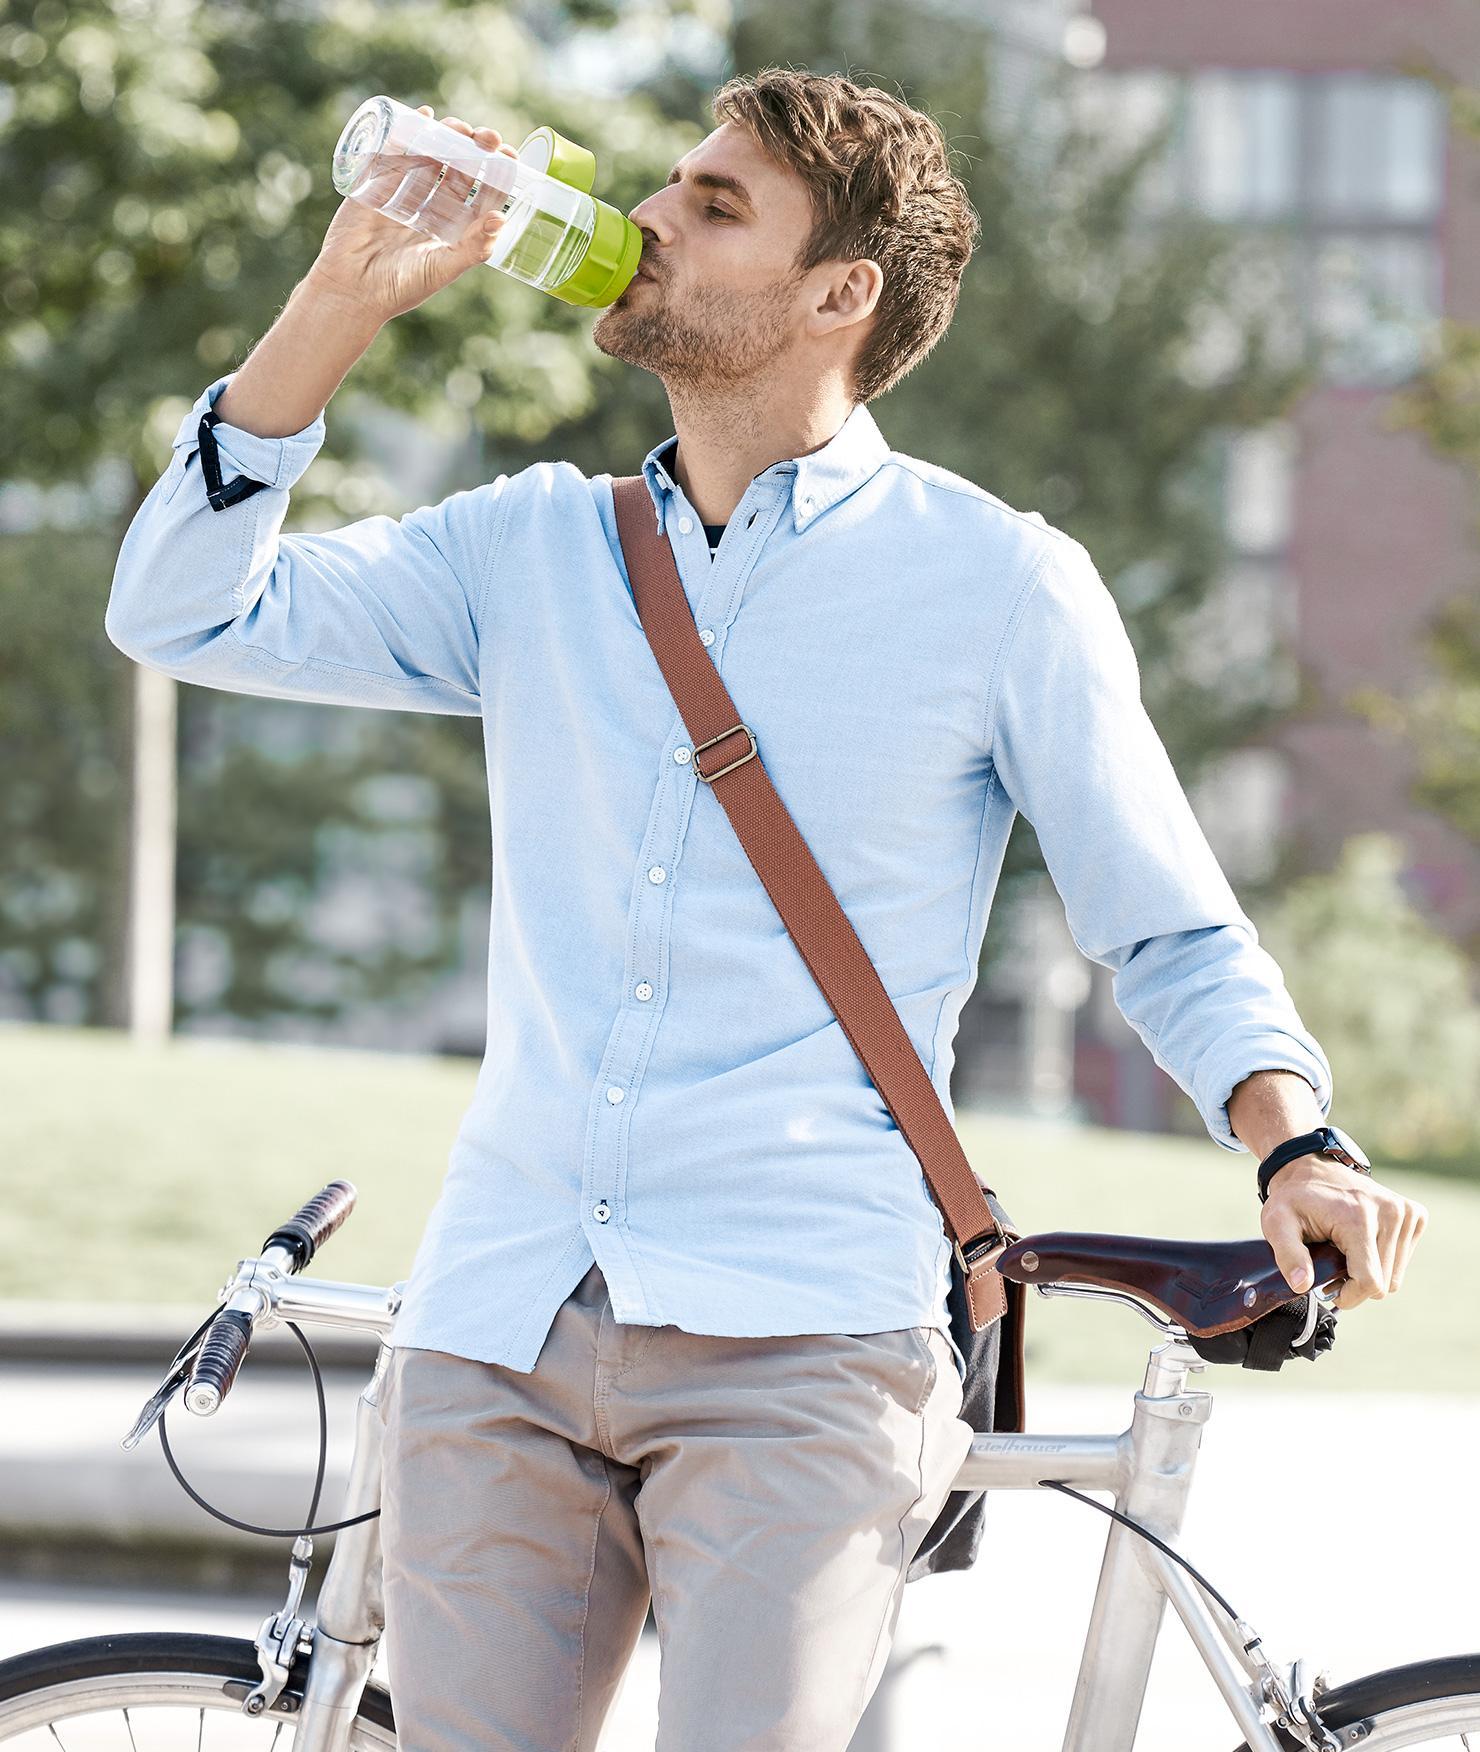 BRITA gesündere Umwelt Mann Fahrrad trinkt Wasser